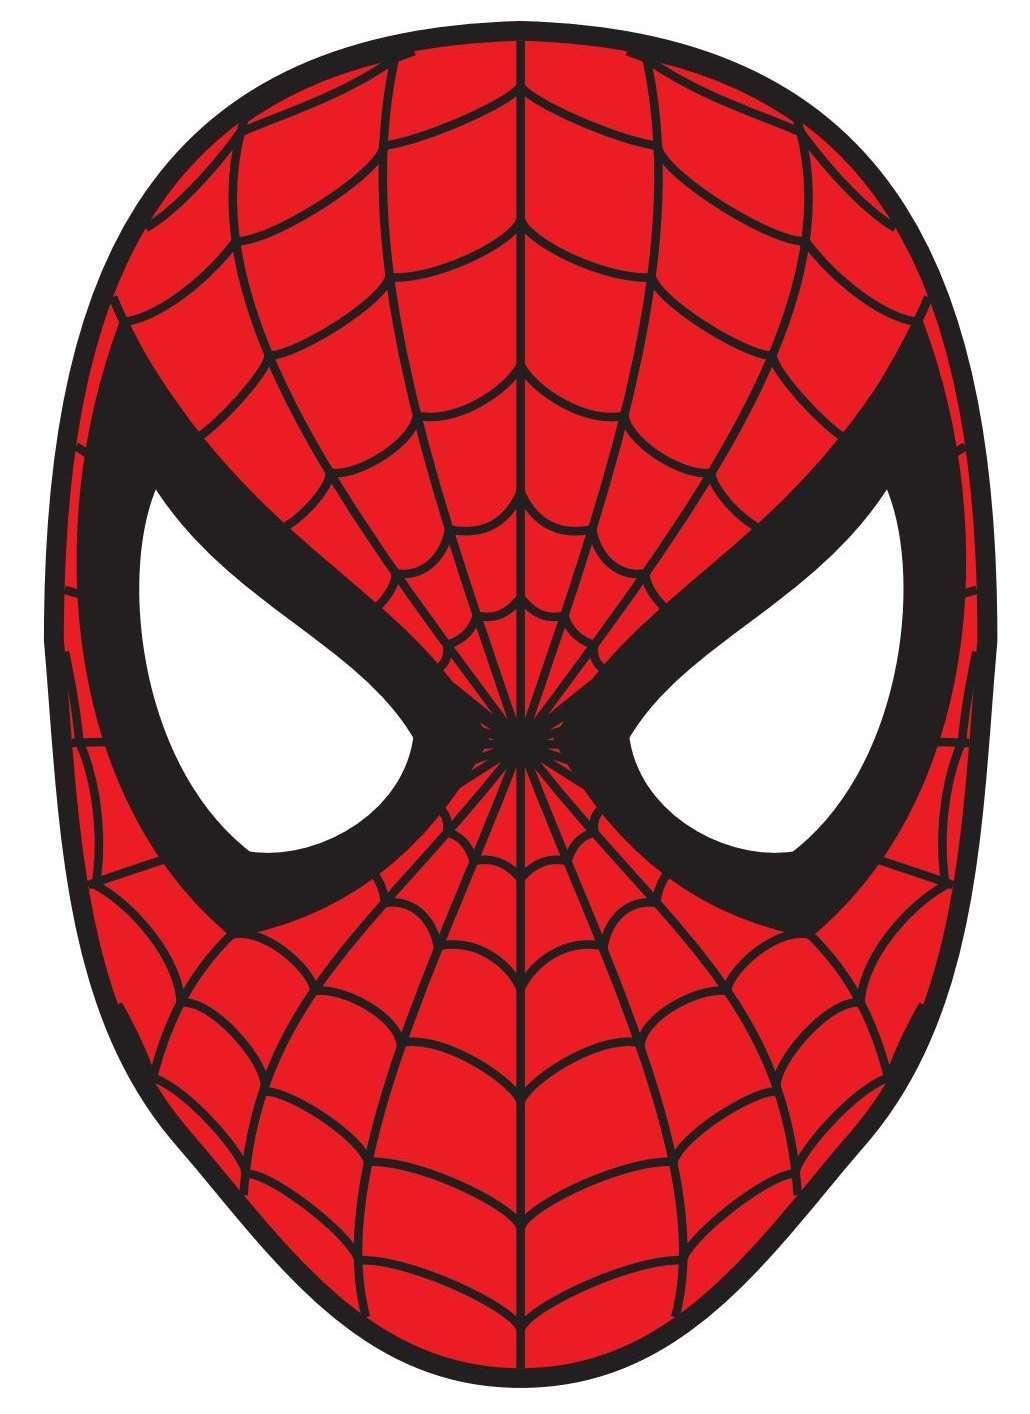 Spider-man-logo2